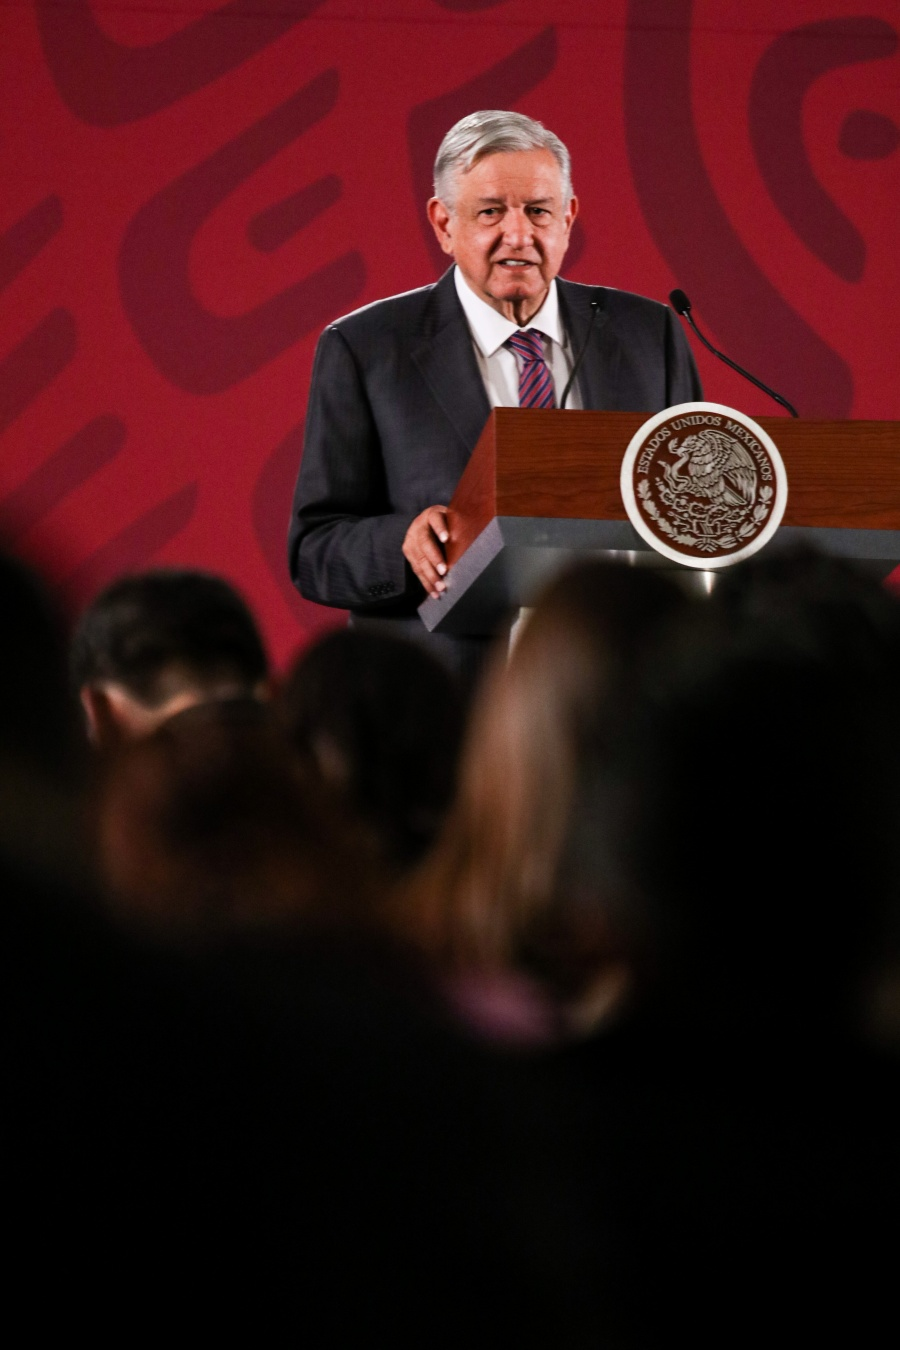 El pueblo decidirá si se enjuician a ex presidentes: AMLO